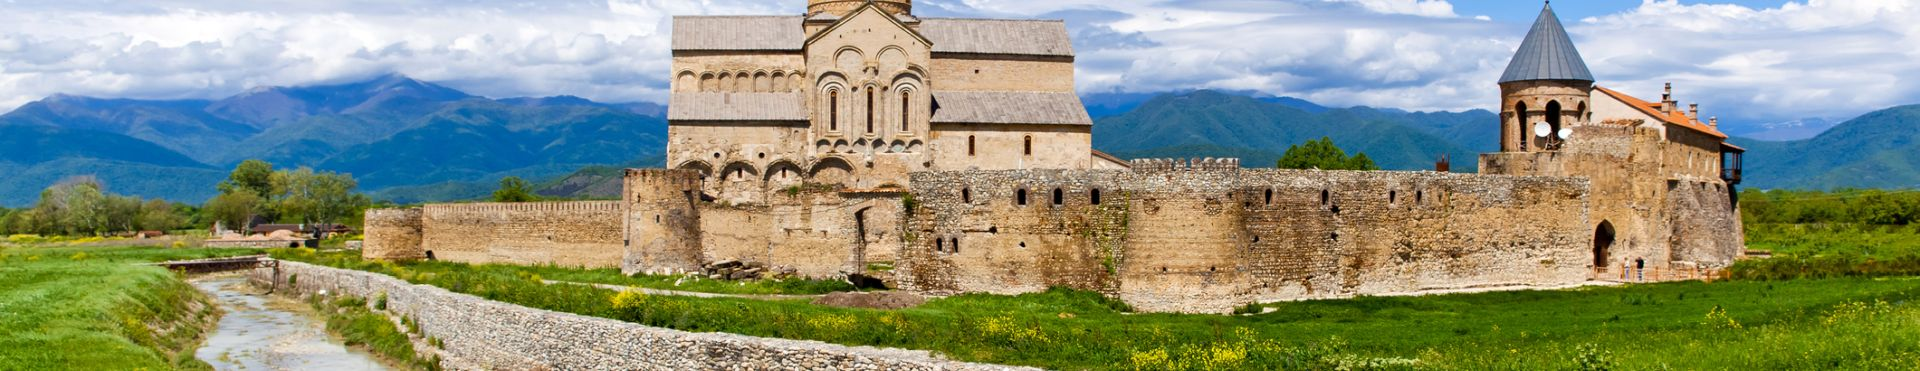 גאורגיה וארמניה